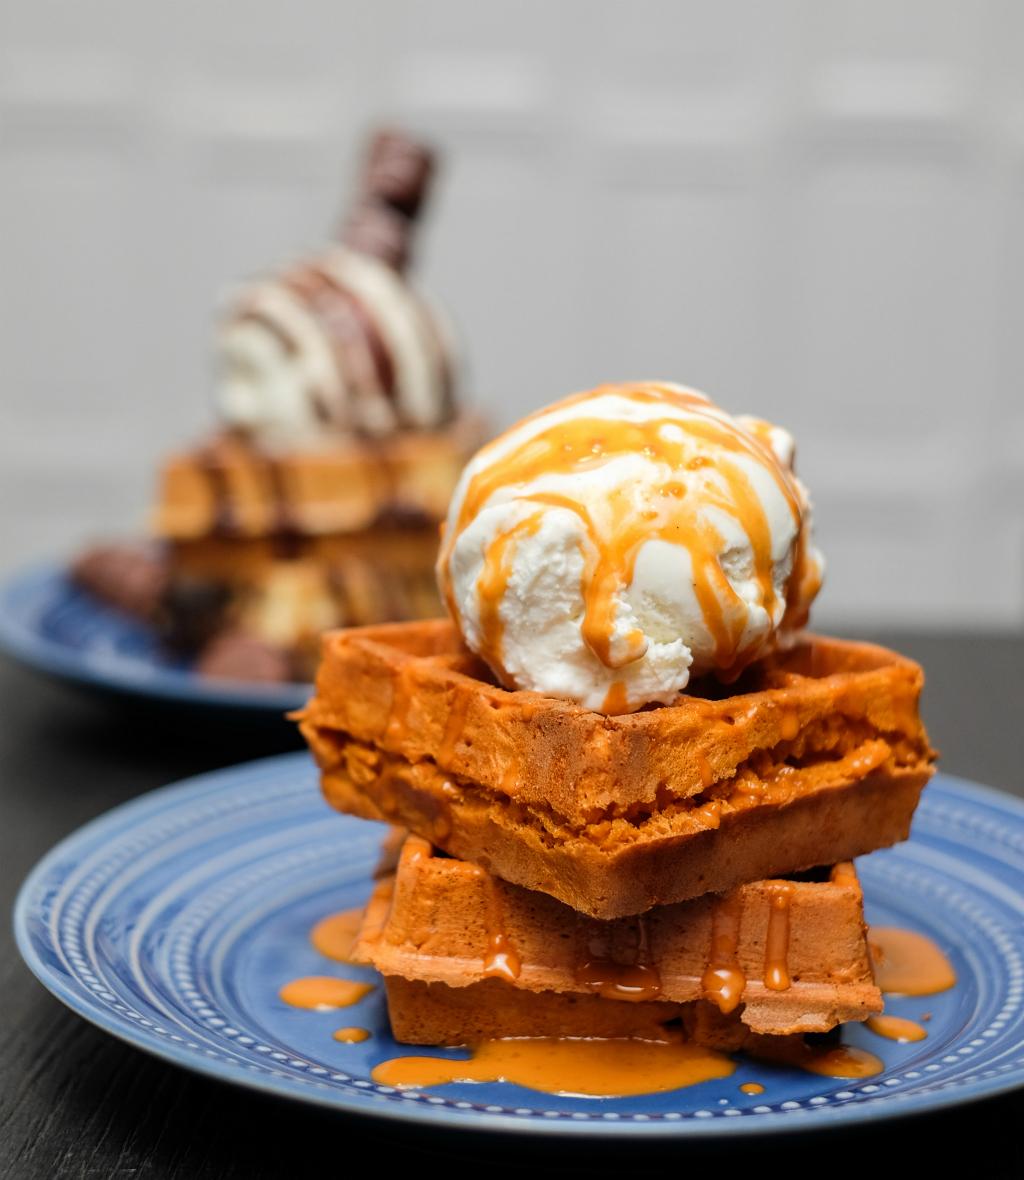 卡夫饼:泰国奶茶卡夫饼